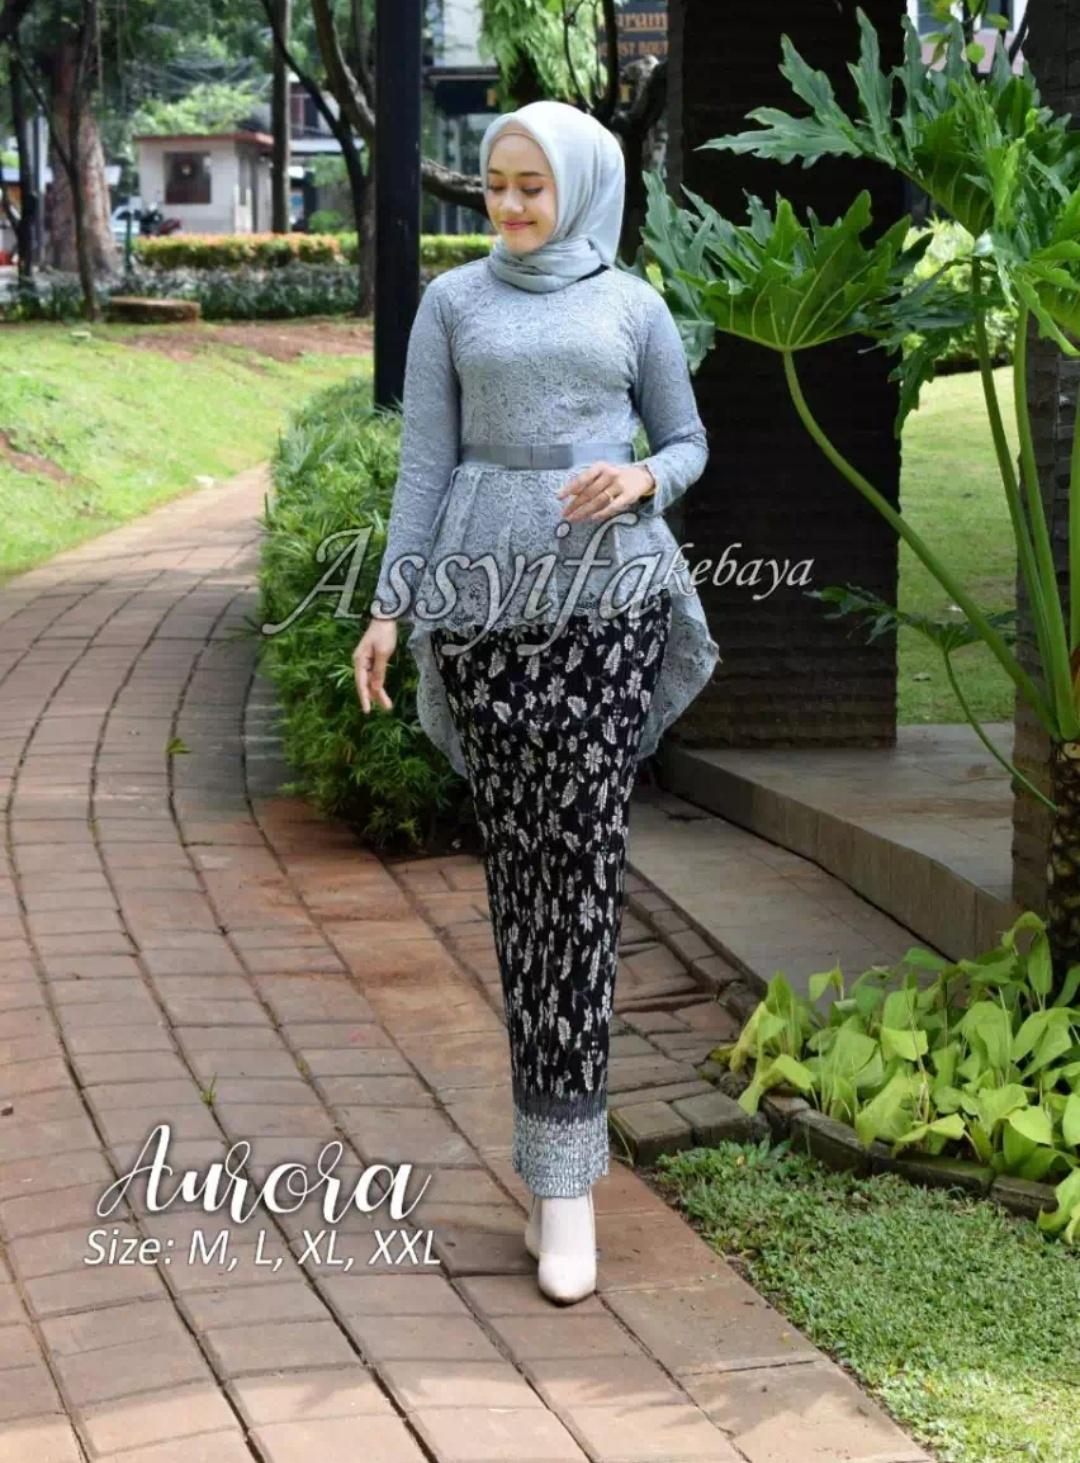 Setelan Kebaya Aurora Brukat Modern Hijab Remaja Style Modis Cantik Brokat Setelan Pakaian Baju Kebaya Kebaya Tradisional Kebaya Wisuda Kebaya